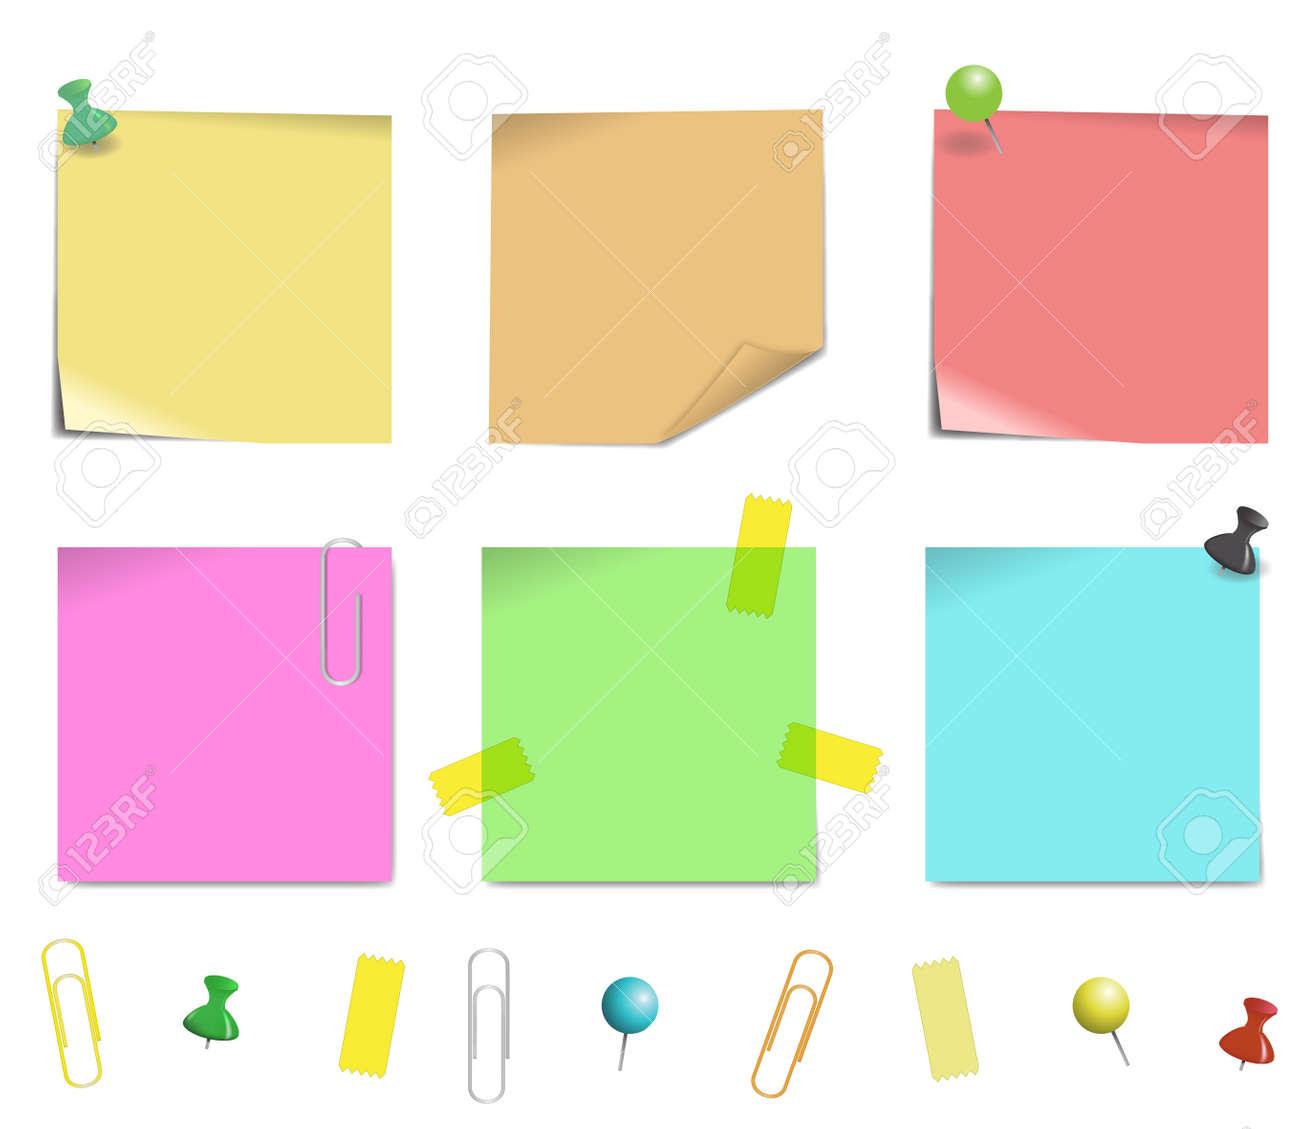 白い背景イラストに分離した付箋紙のイラスト素材ベクタ Image